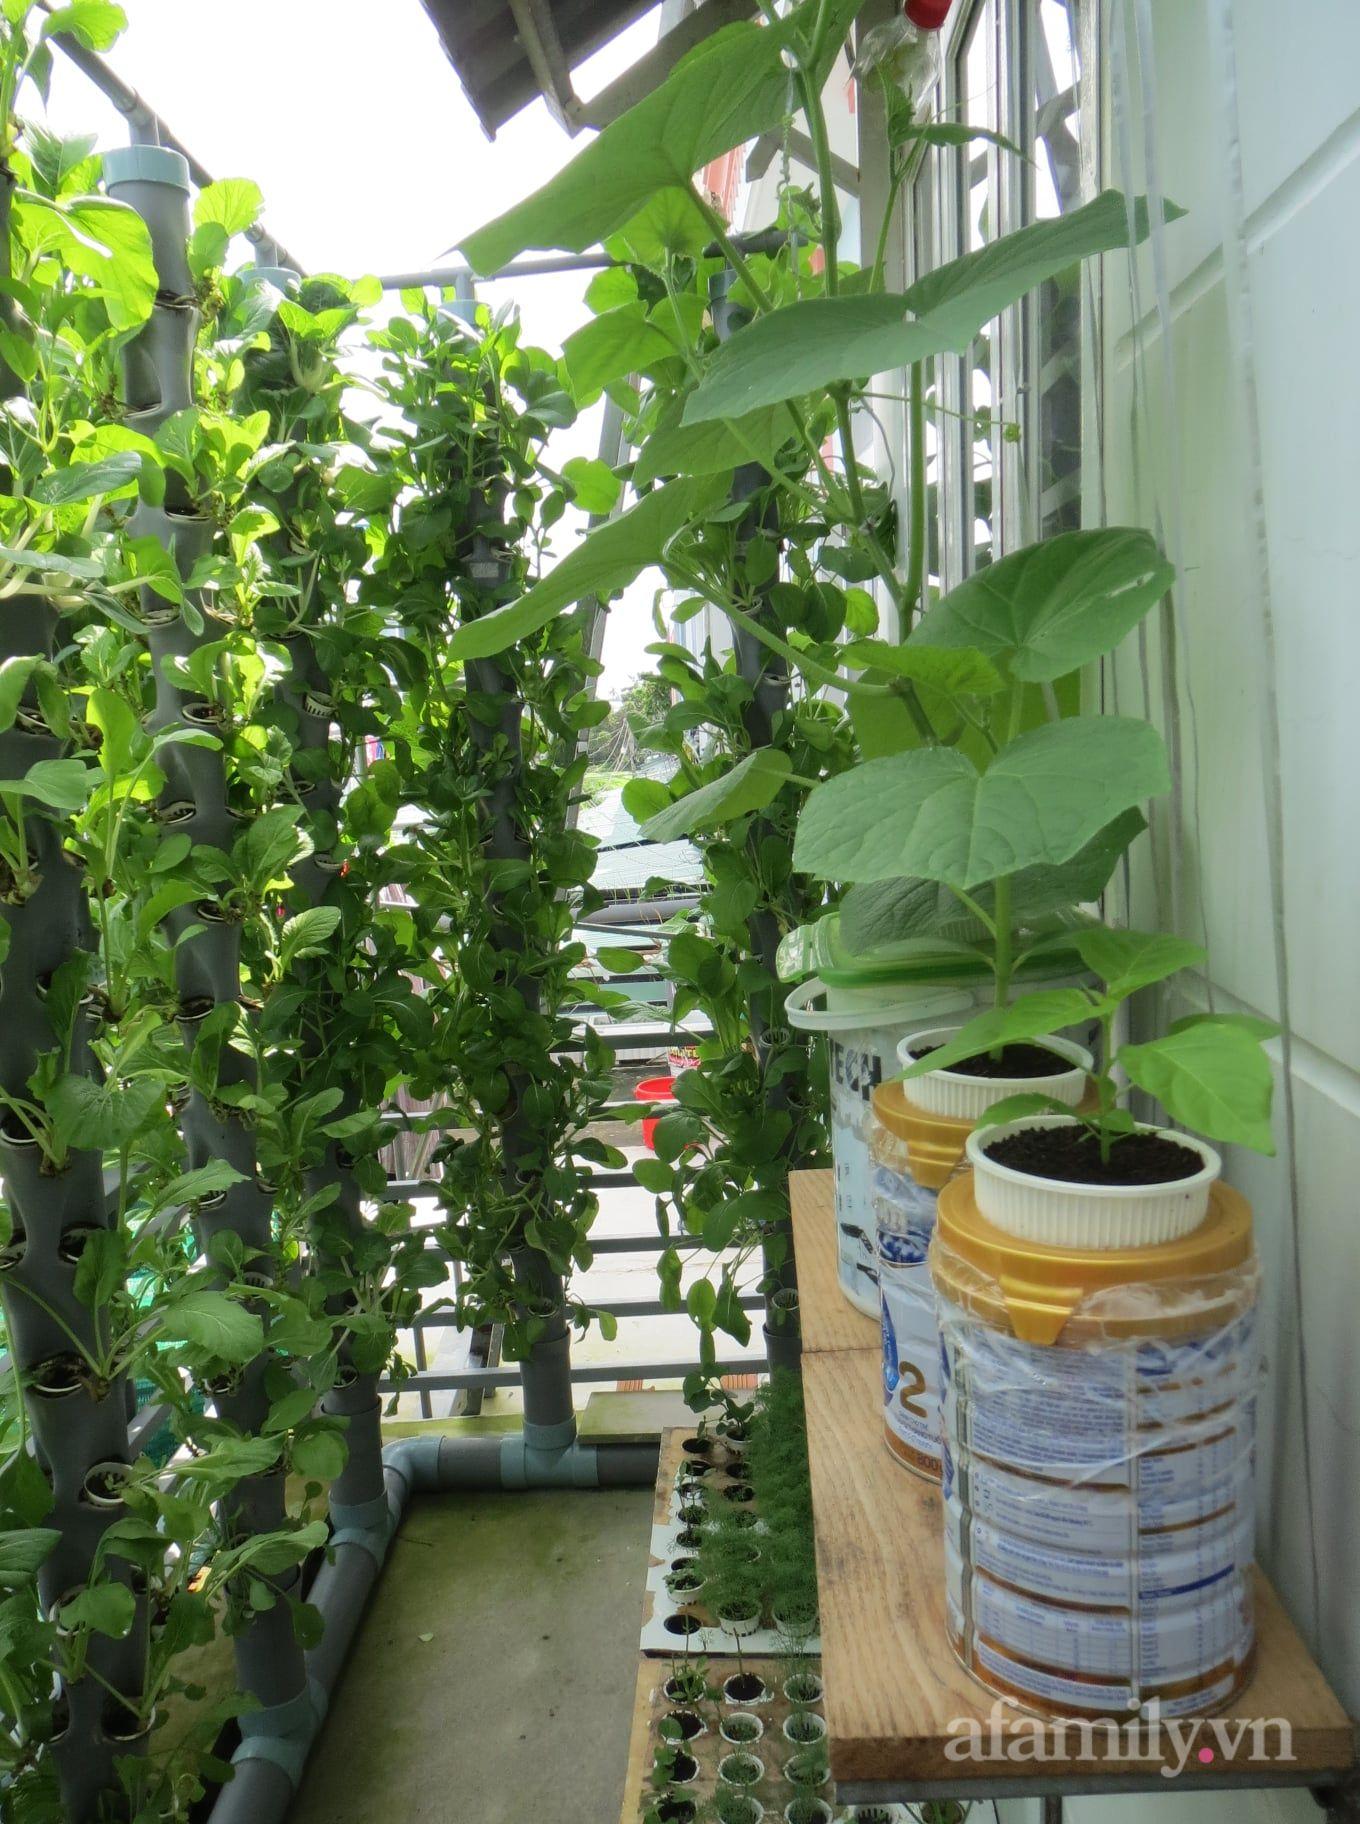 Ban công chỉ 5m² mà trồng đủ loại rau của anh chồng đảm ở Sài Gòn - Ảnh 4.